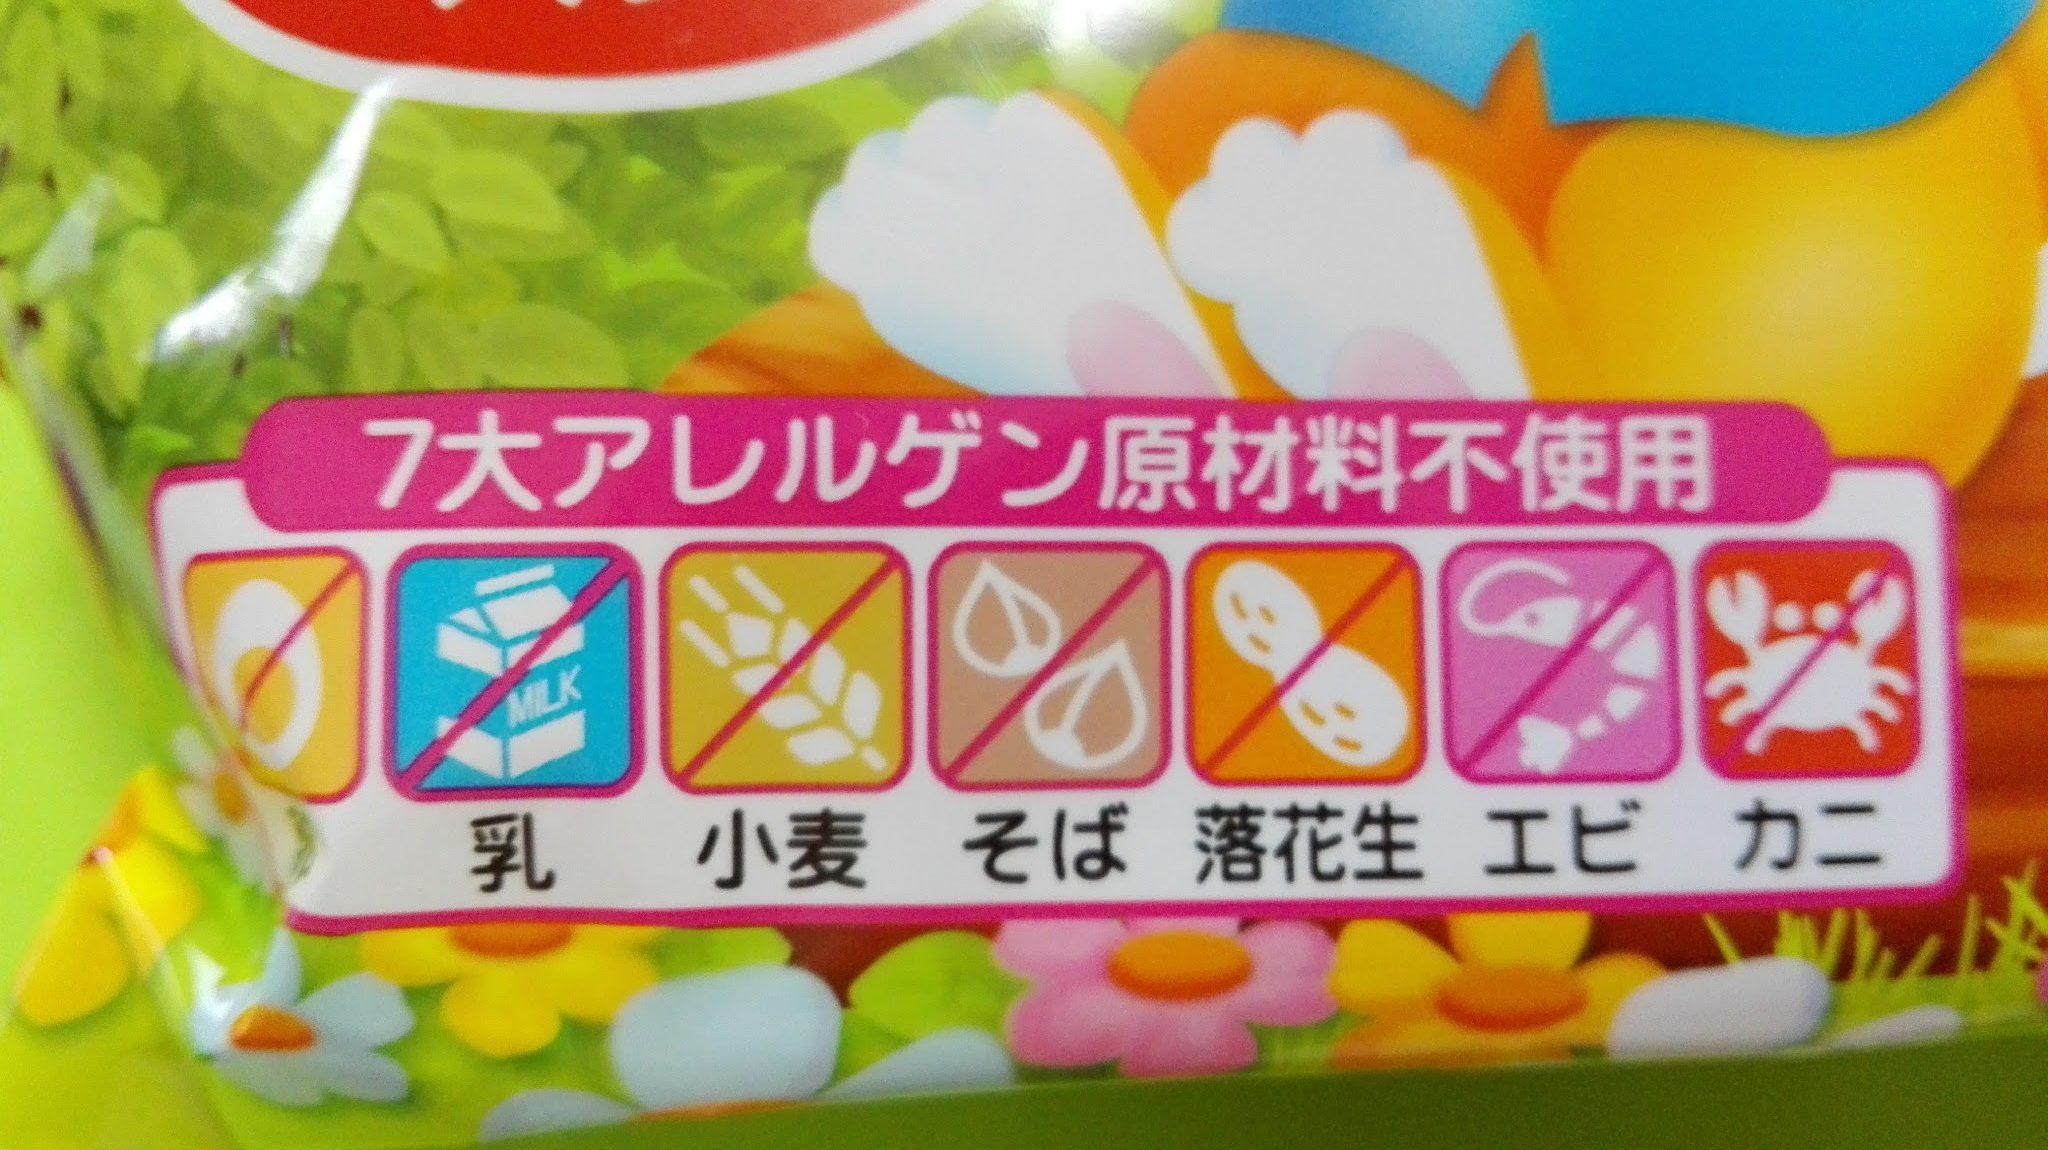 「ケンコーコム」でこんなに通販できる!卵&乳製品(アレルギー)不使用のオススメ市販お菓子、クッキー、マヨネーズetcを大公開!